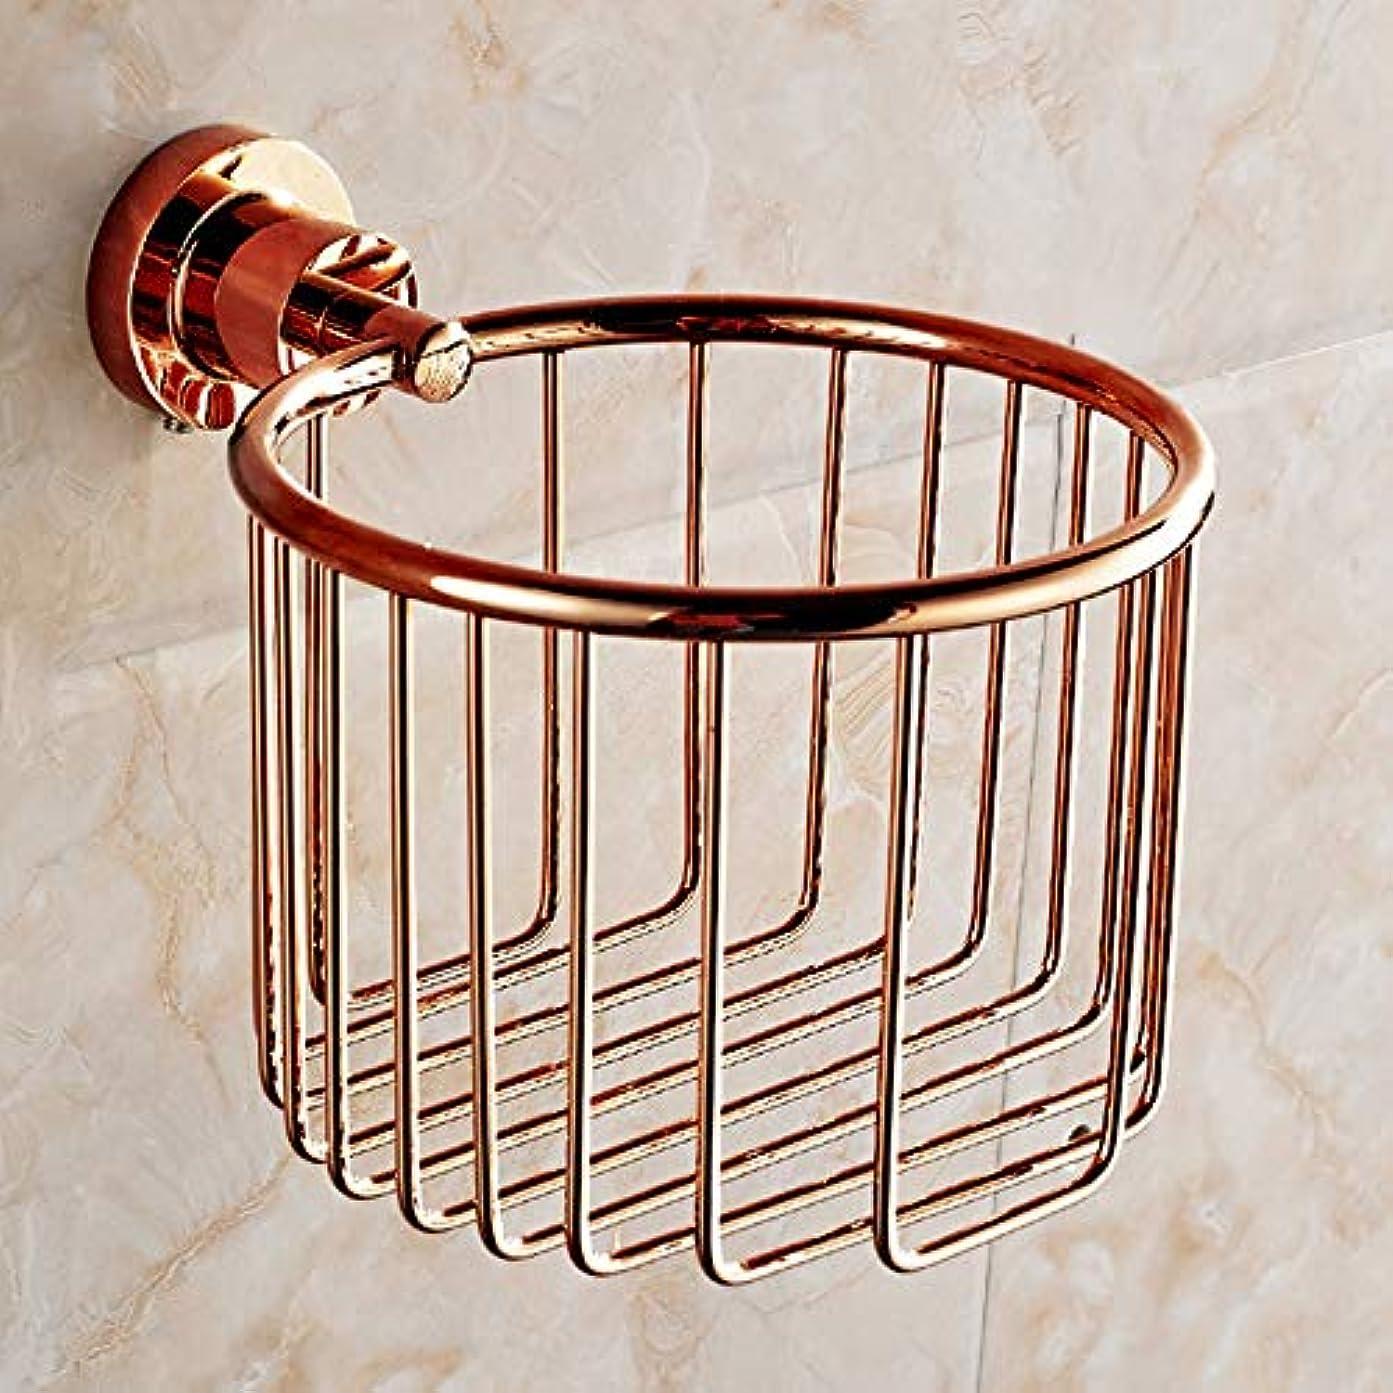 教えて近似積分ZZLX 紙タオルホルダー、完全な銅ヨーロッパのアンティークローズゴールドとゴールドのバスタオルラックのロールホルダー ロングハンドル風呂ブラシ (色 : ローズゴールド ろ゜ずご゜るど)